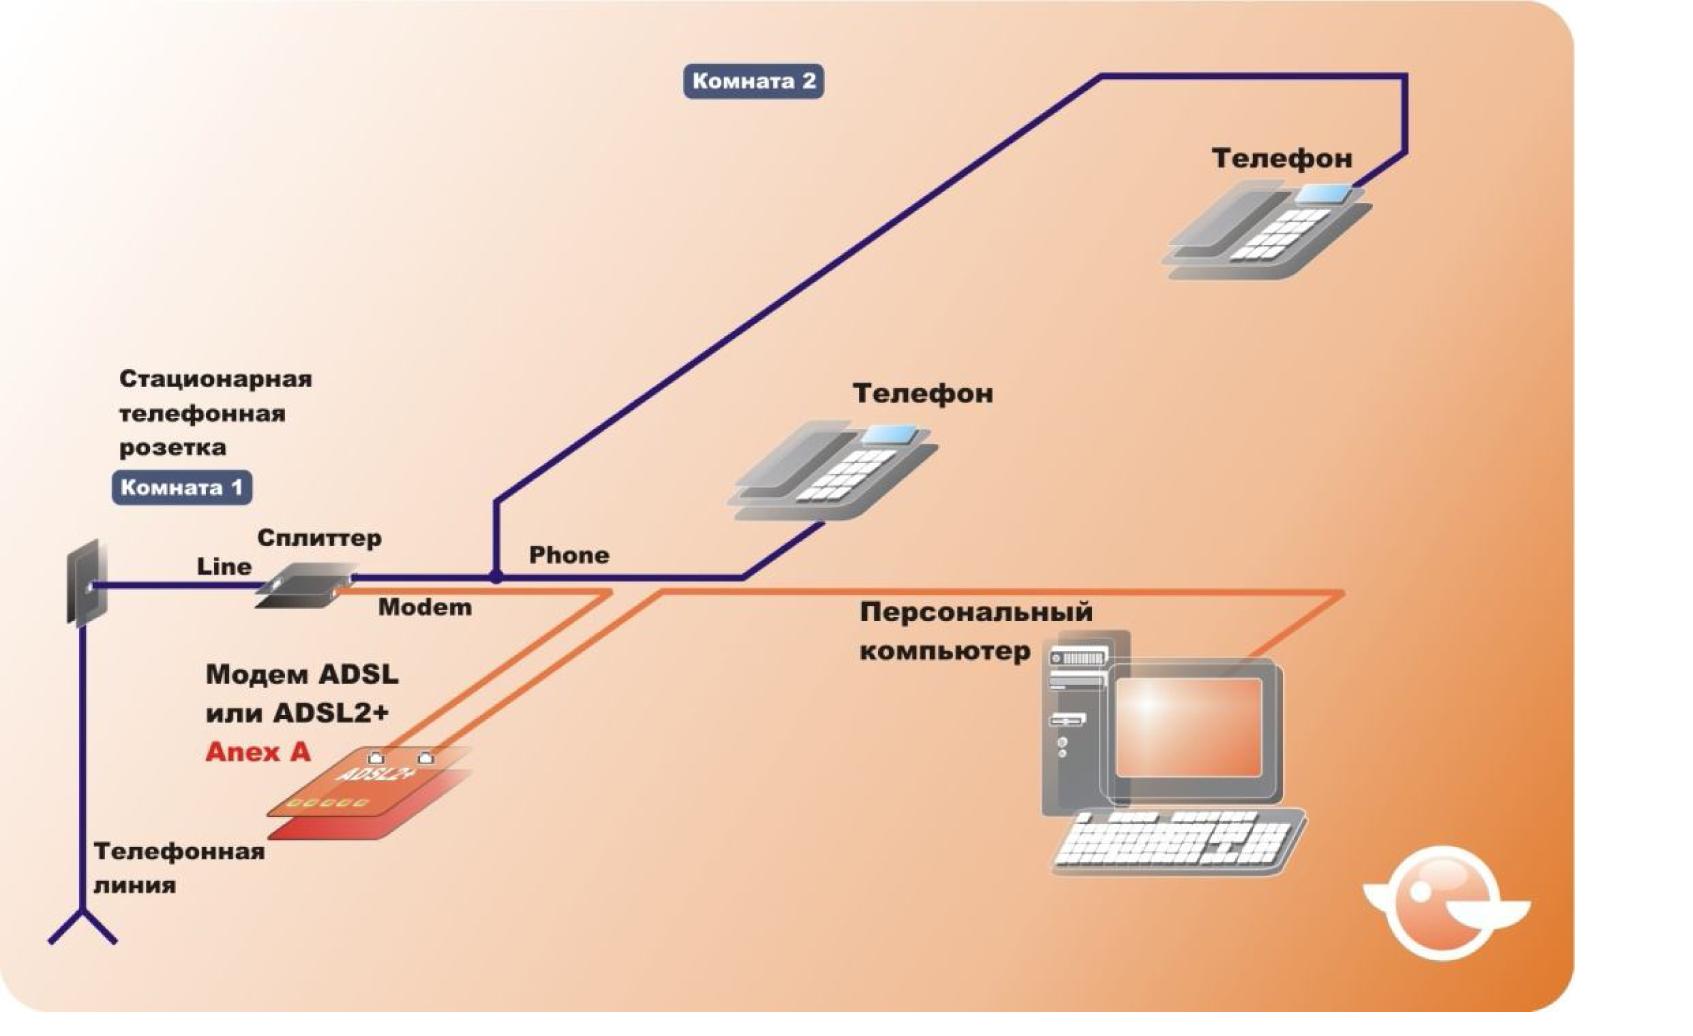 Как настроить интернет на два компьютера